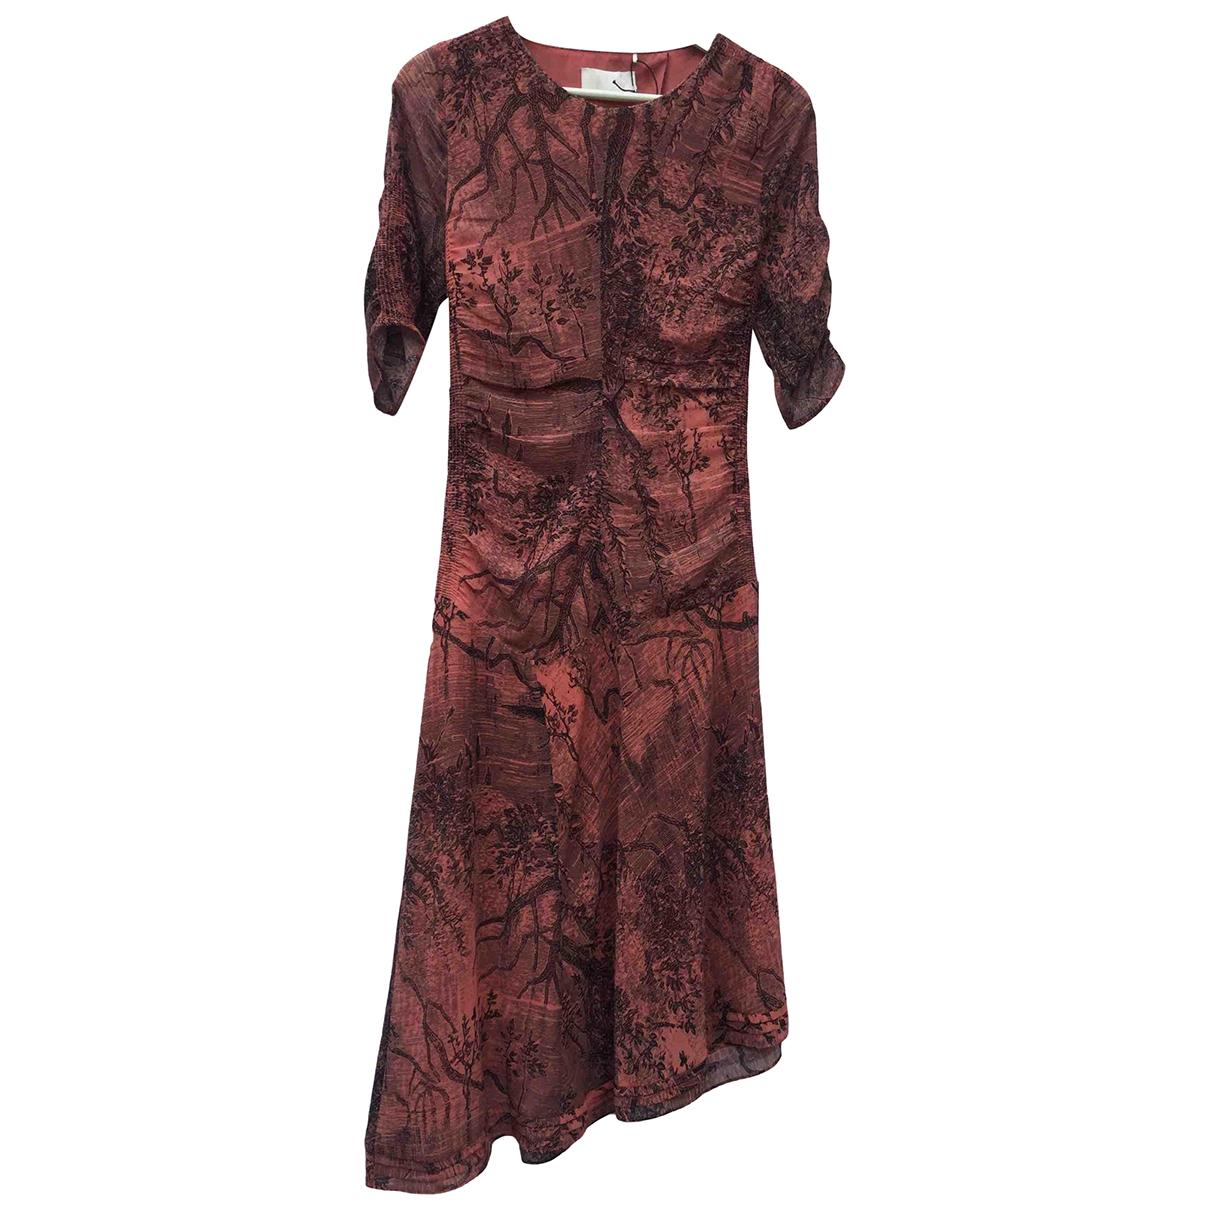 Hm Conscious Exclusive - Robe   pour femme - rose